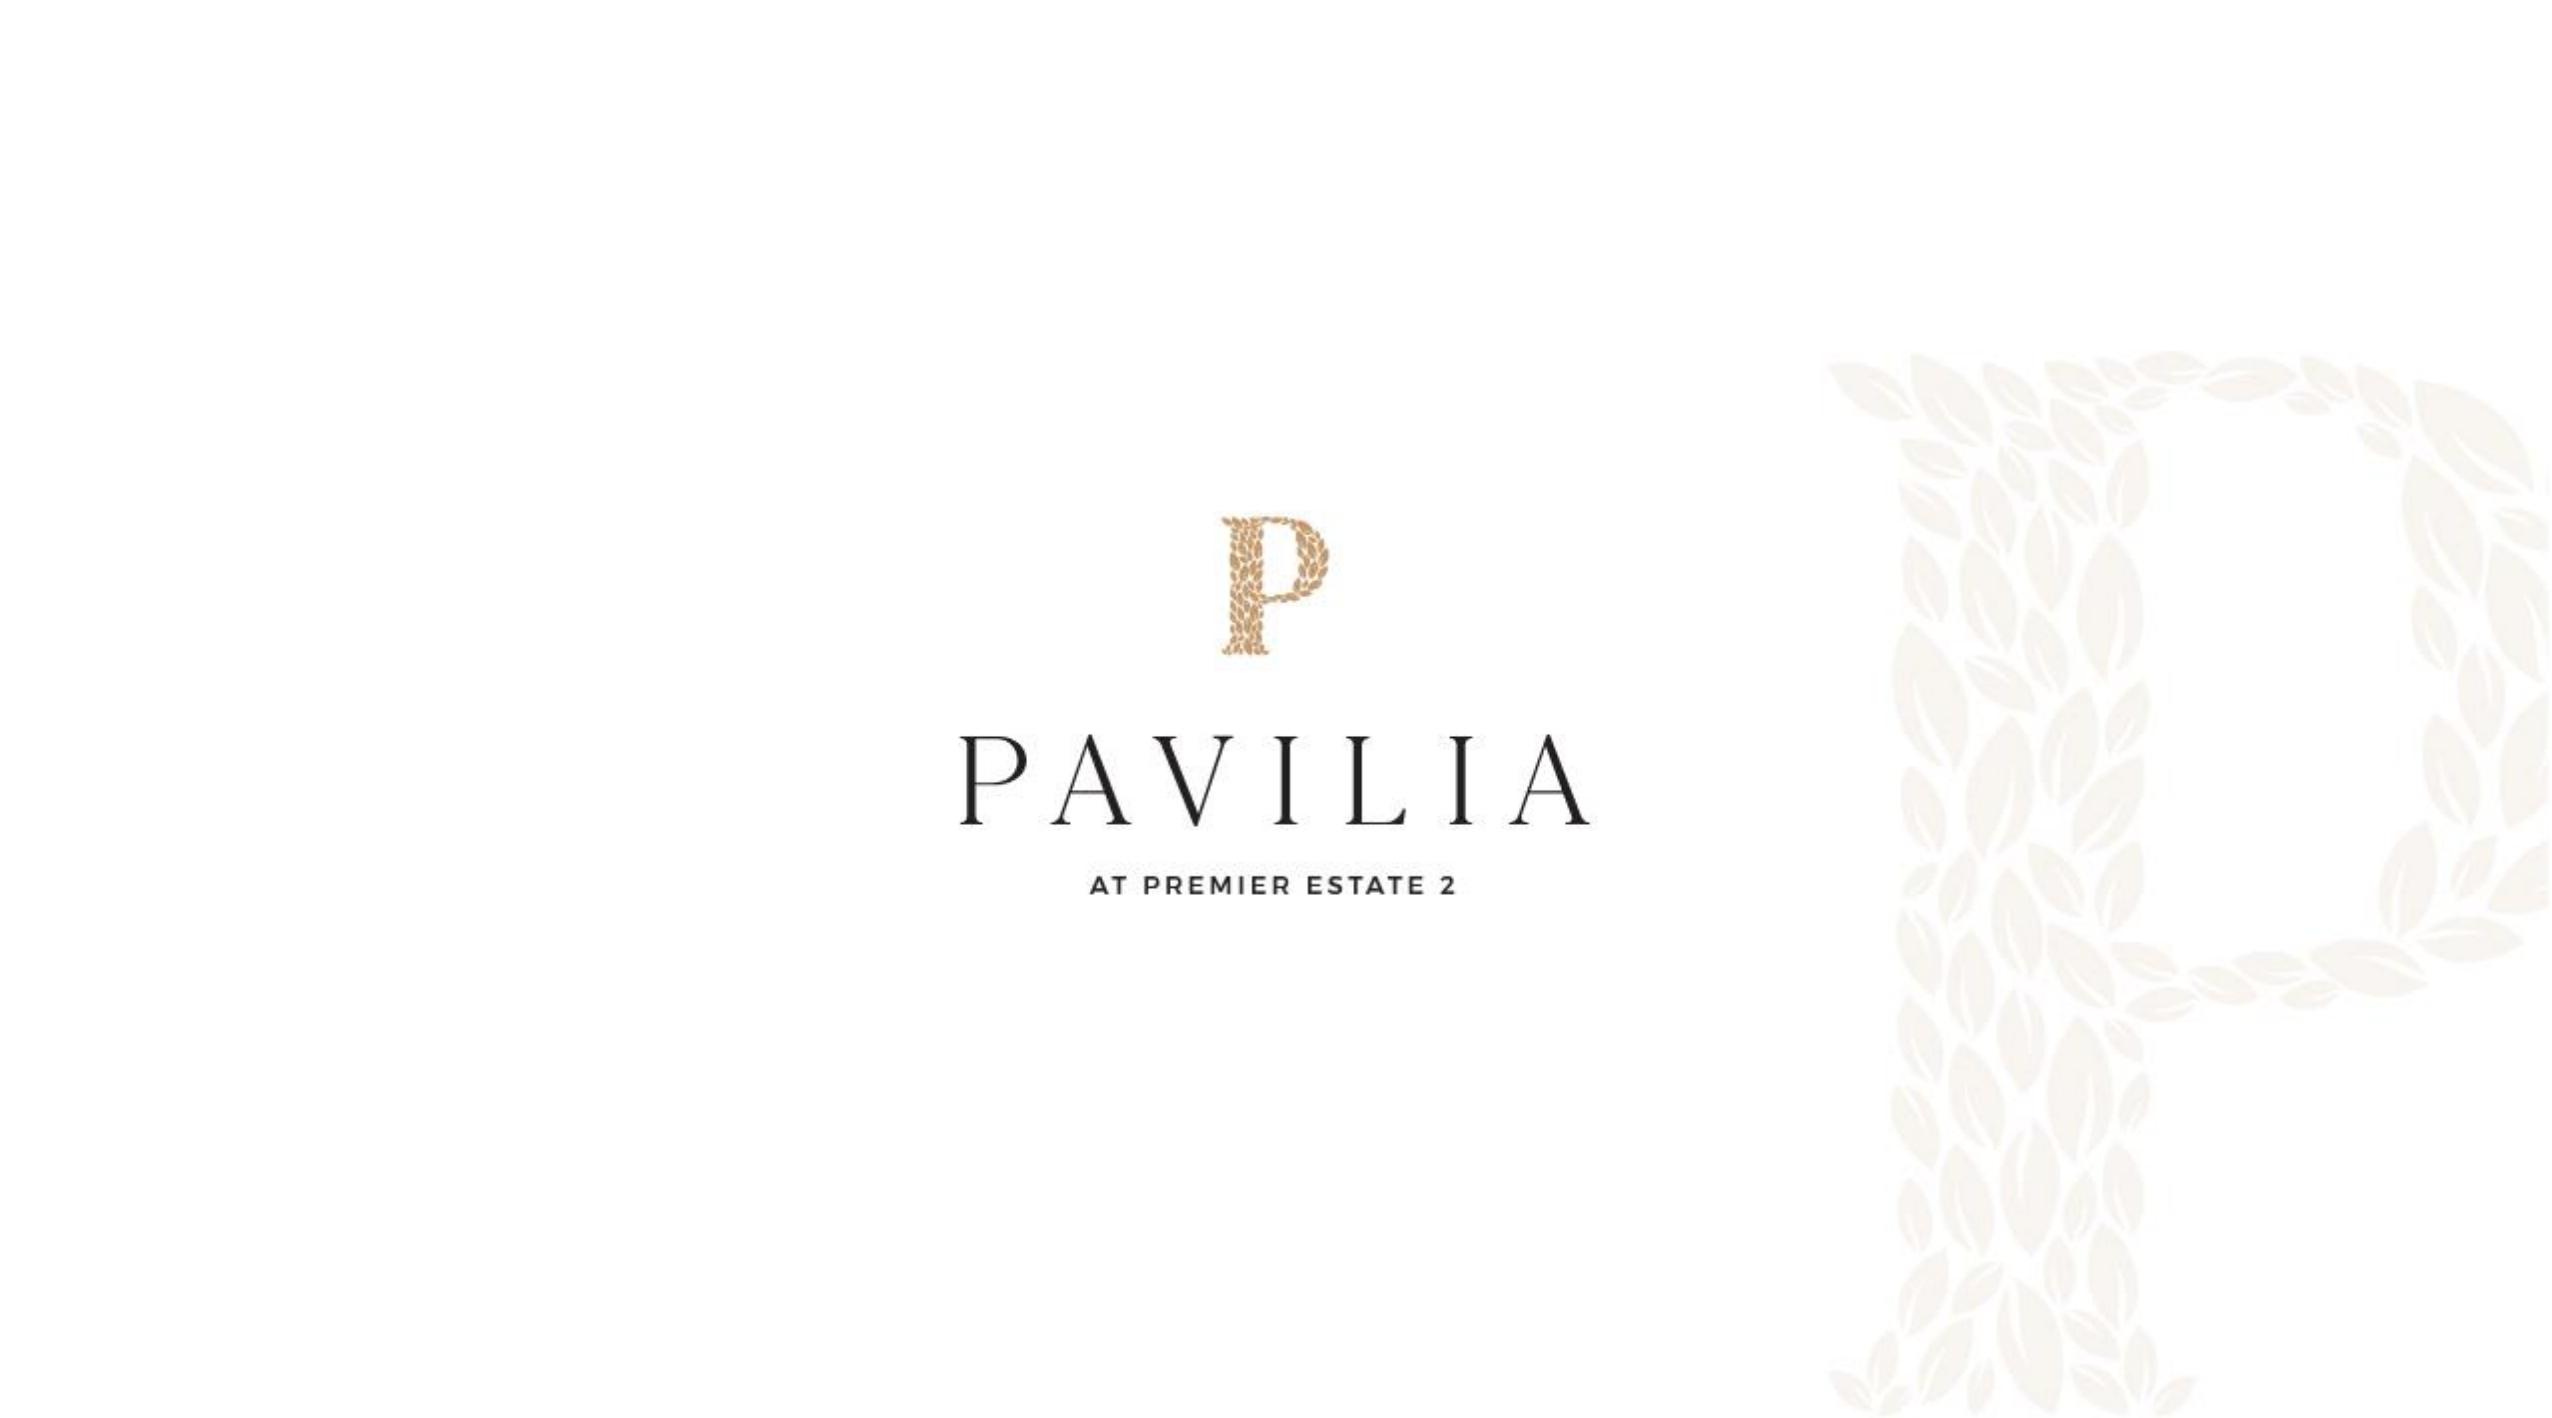 pavilia